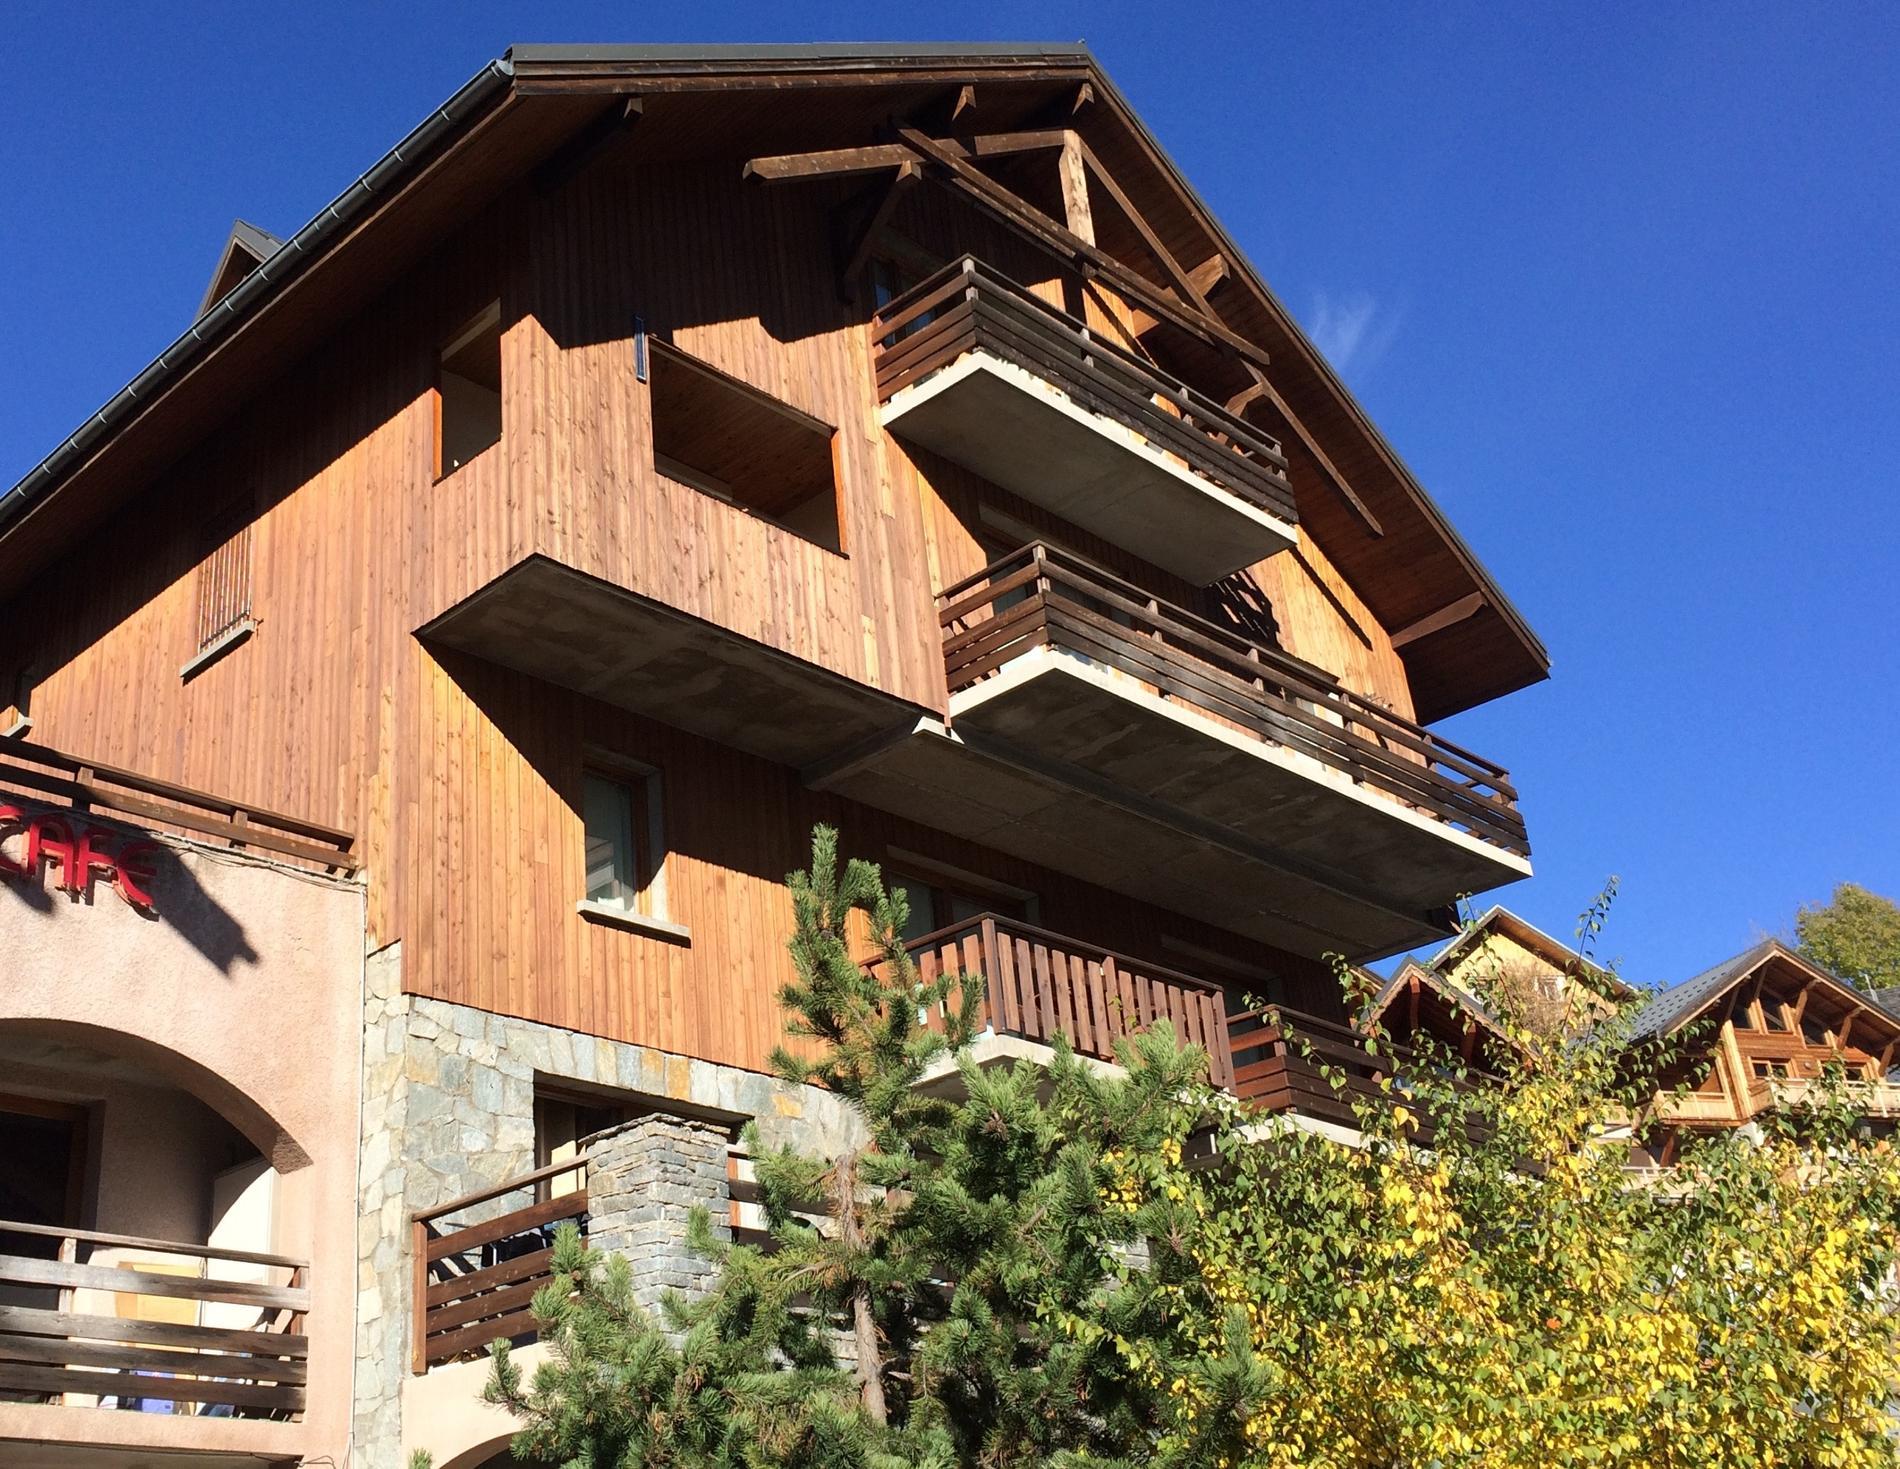 Les balcons de vaujany muller feuga vaujany station village s jour ski et vacances - Office de tourisme vaujany ...